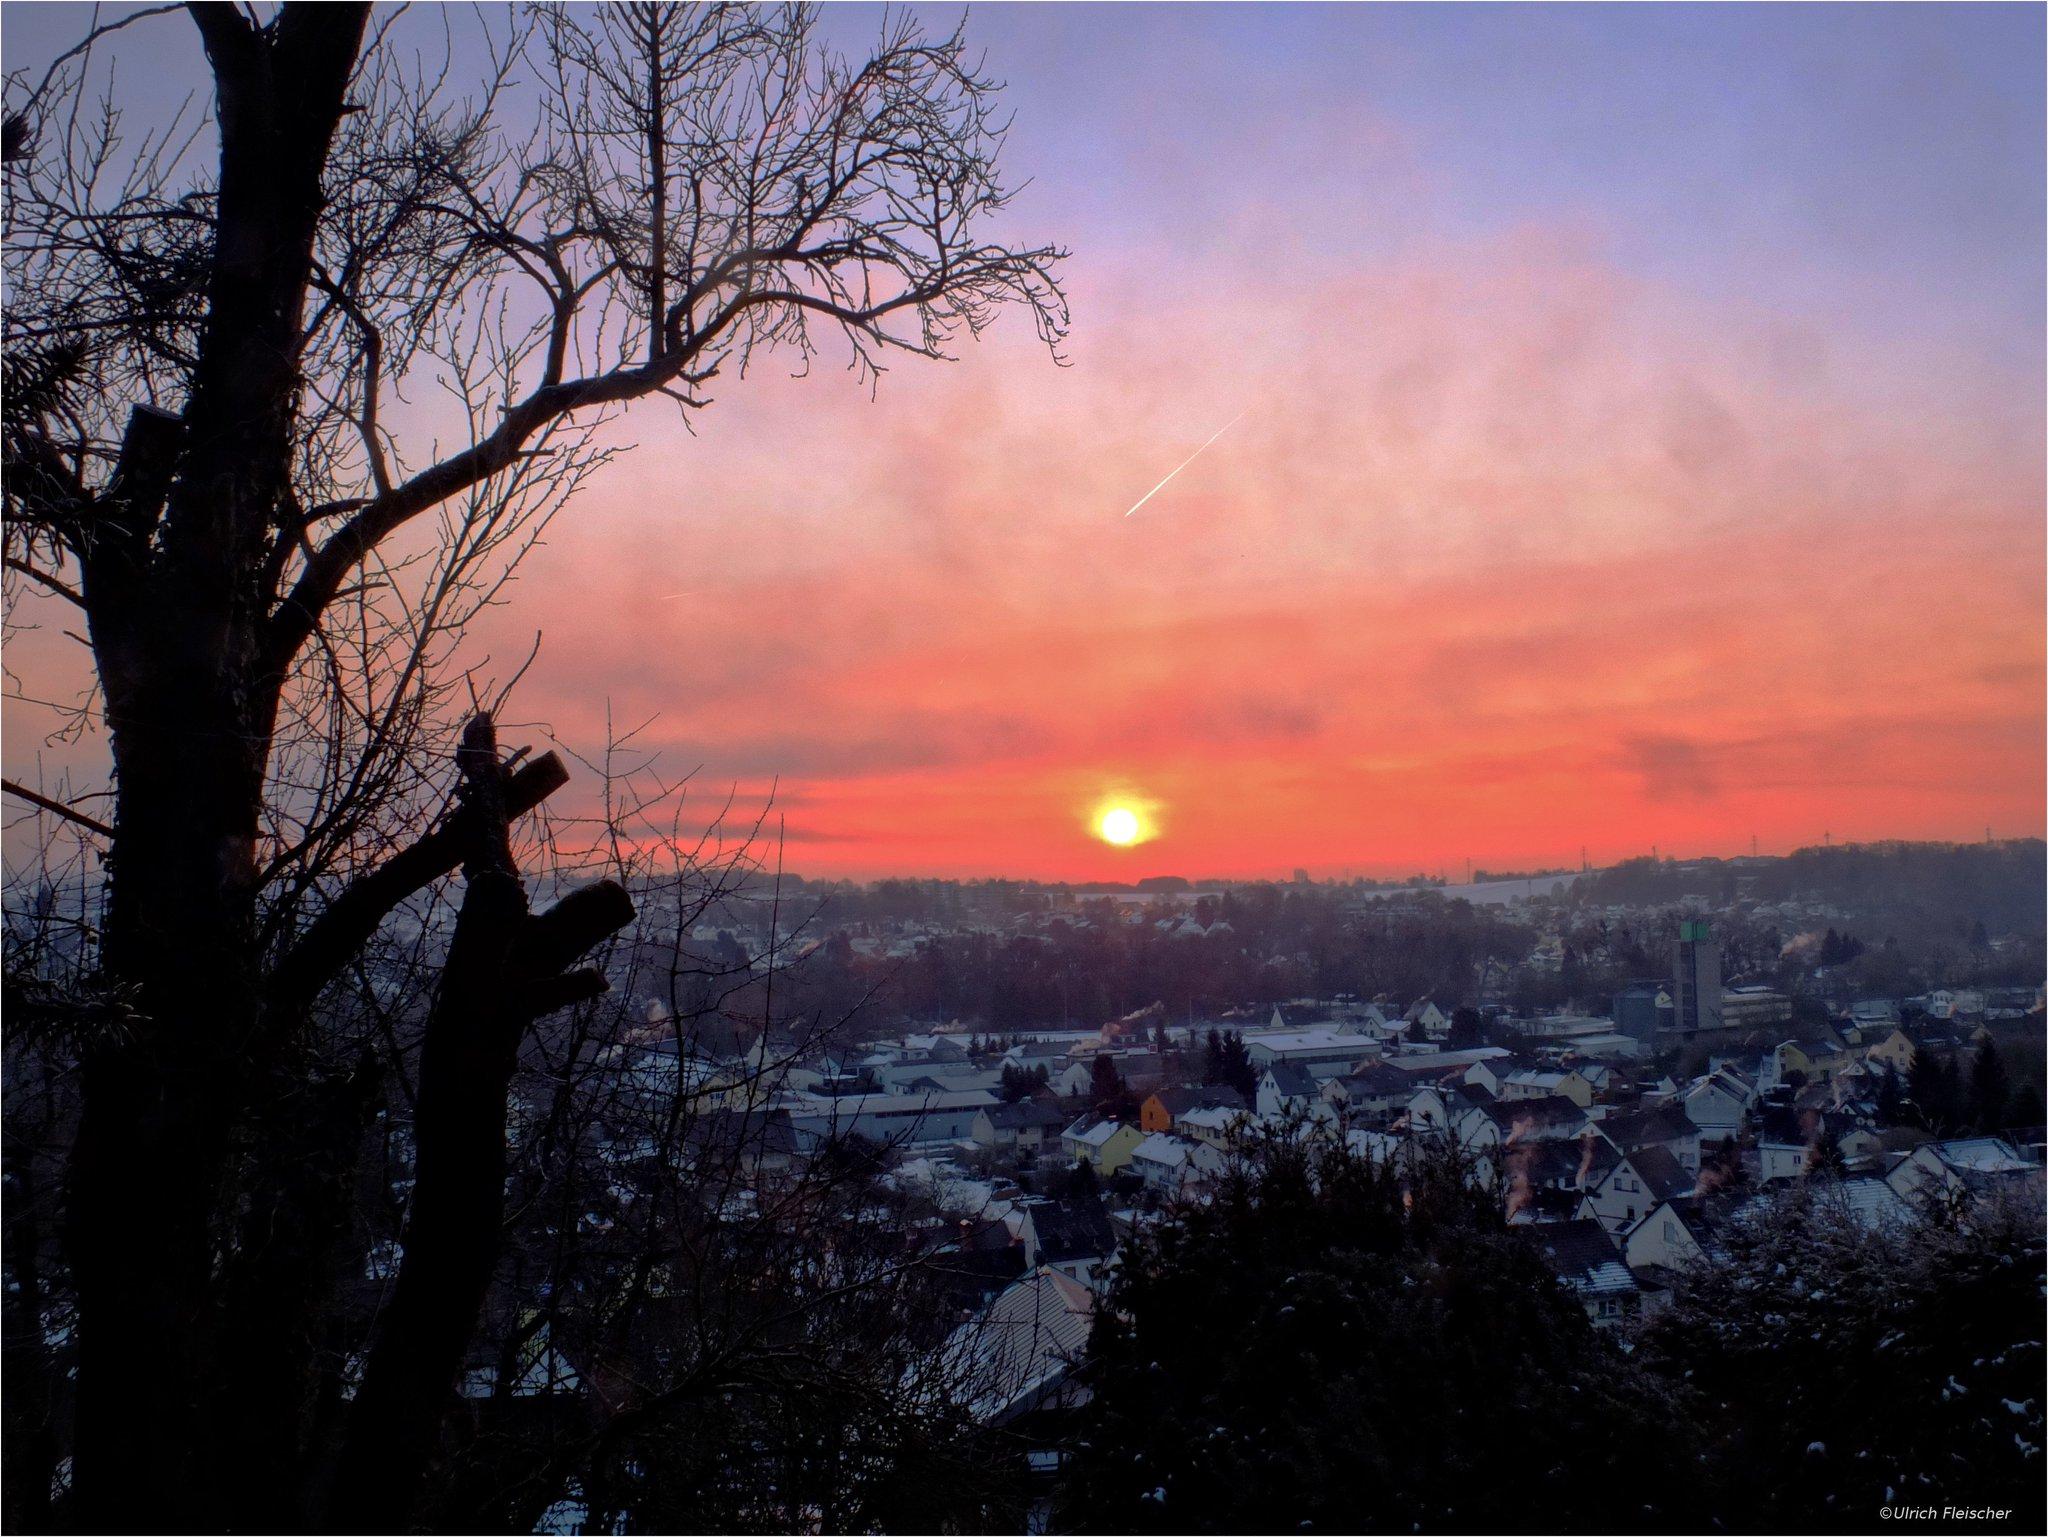 I've added a new Photo  -morning hike-  #Fineart #nature #winter #sunrise https://t.co/tIlBXt23OW